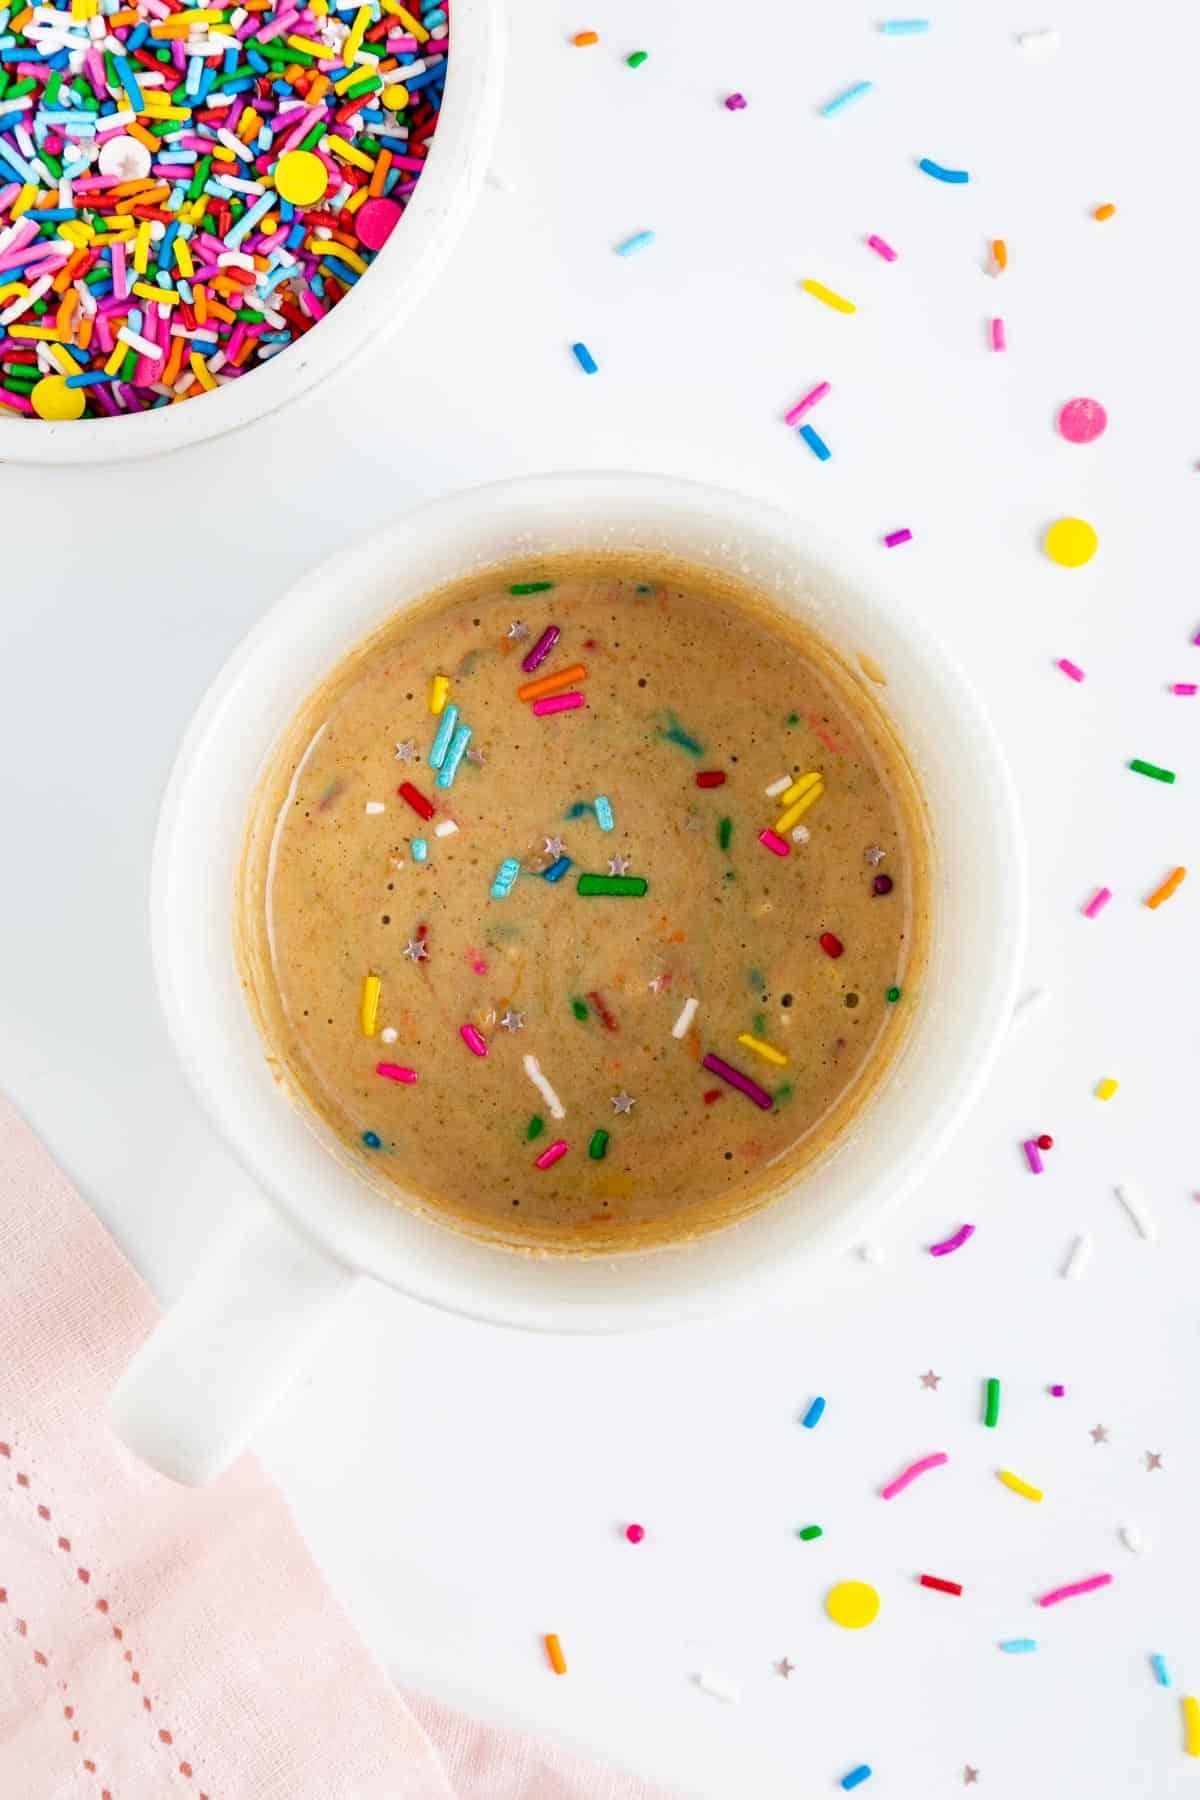 vegan cake batter inside a white mug with rainbow sprinkles